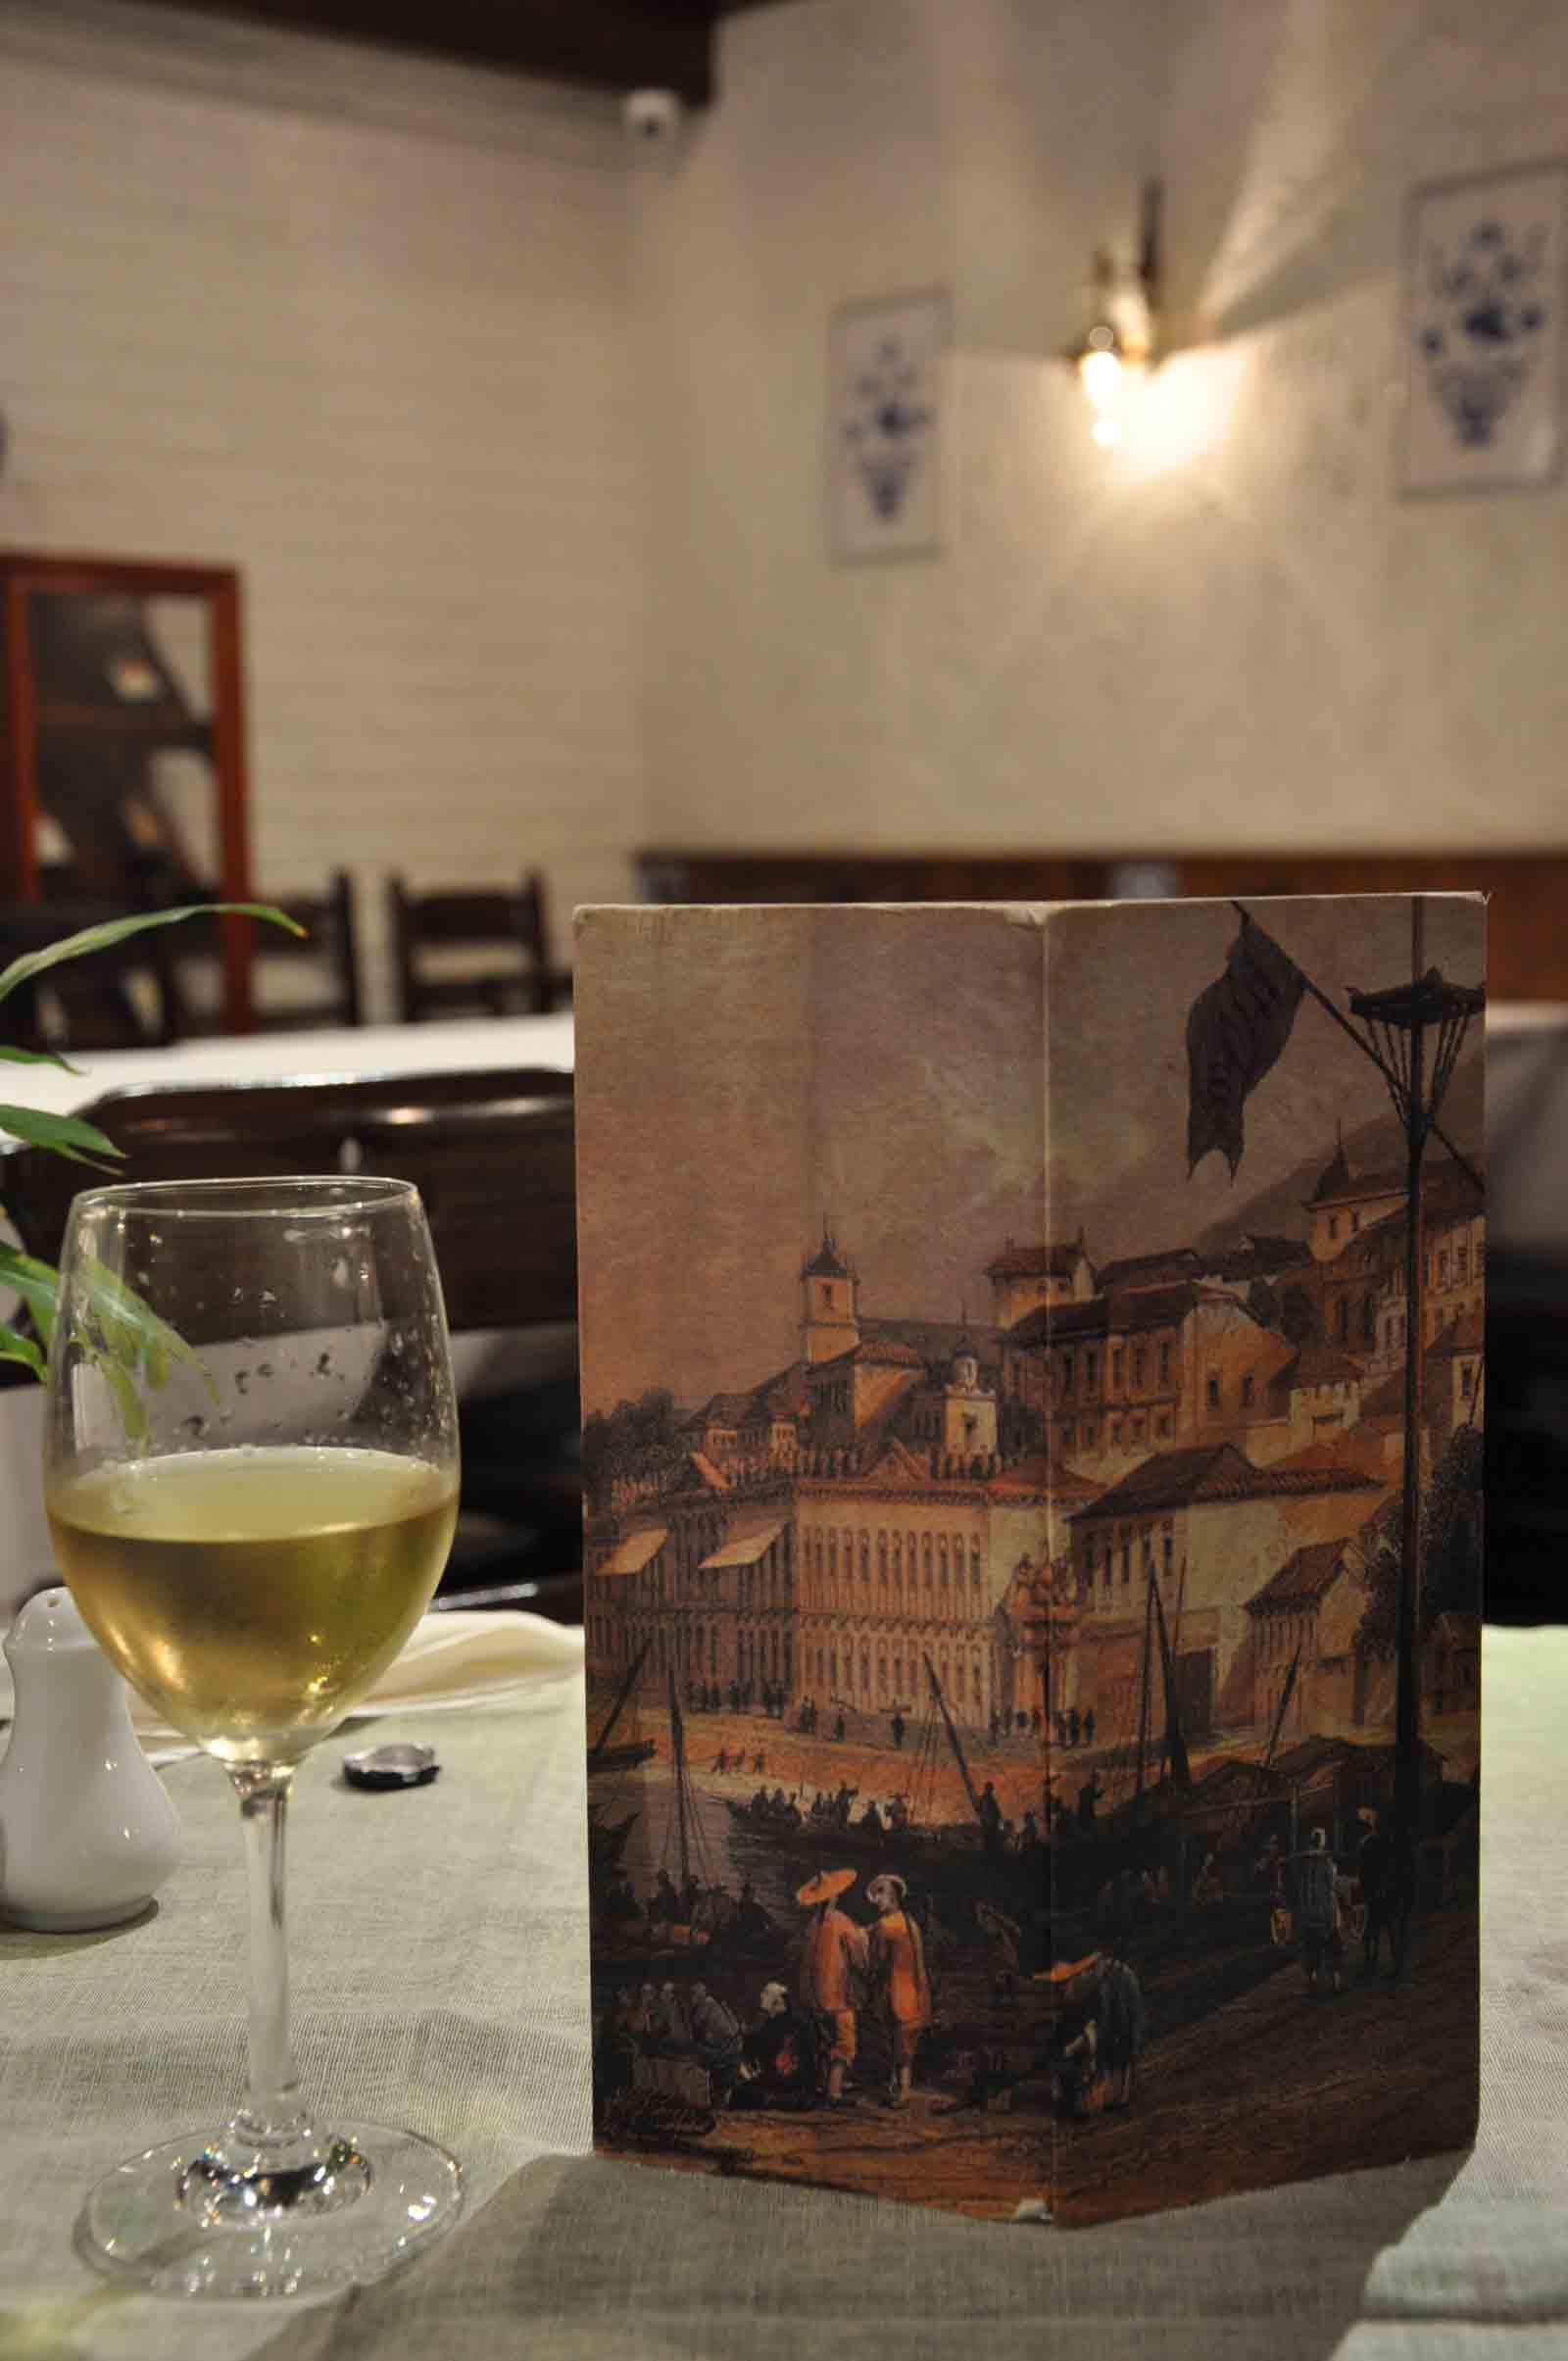 Litoral Macau menu and white wine